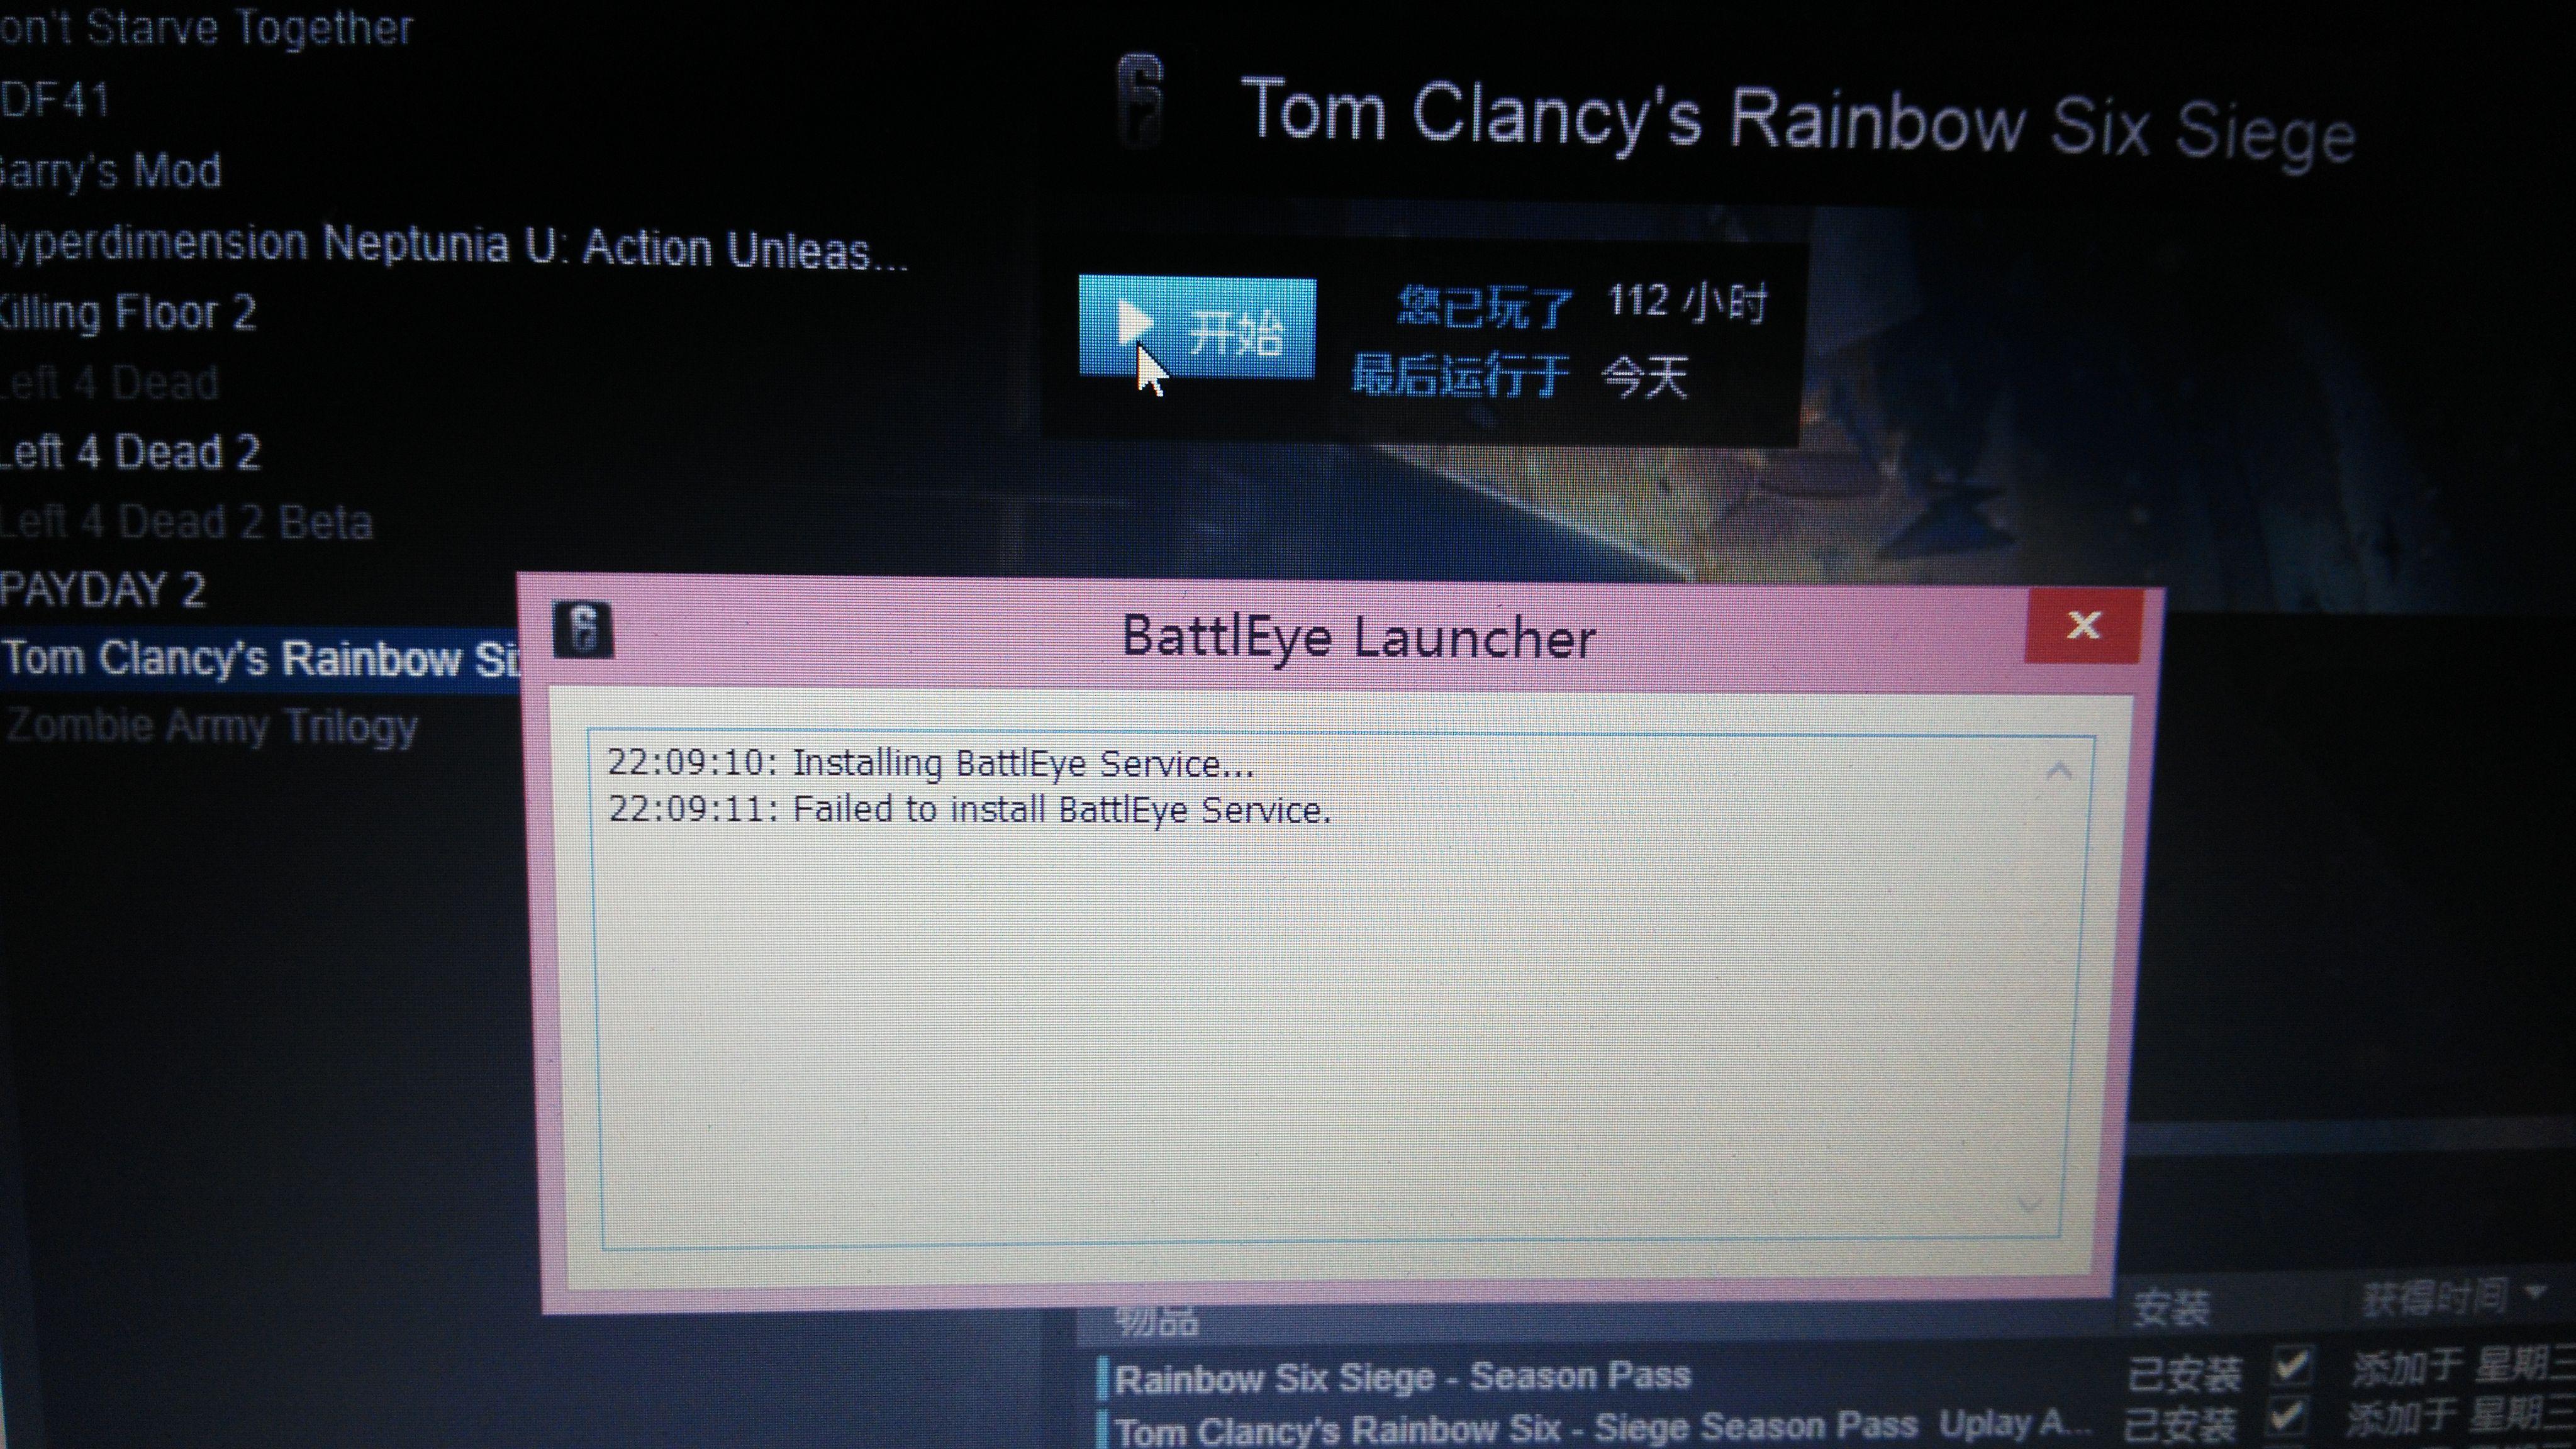 Battleye Launcher